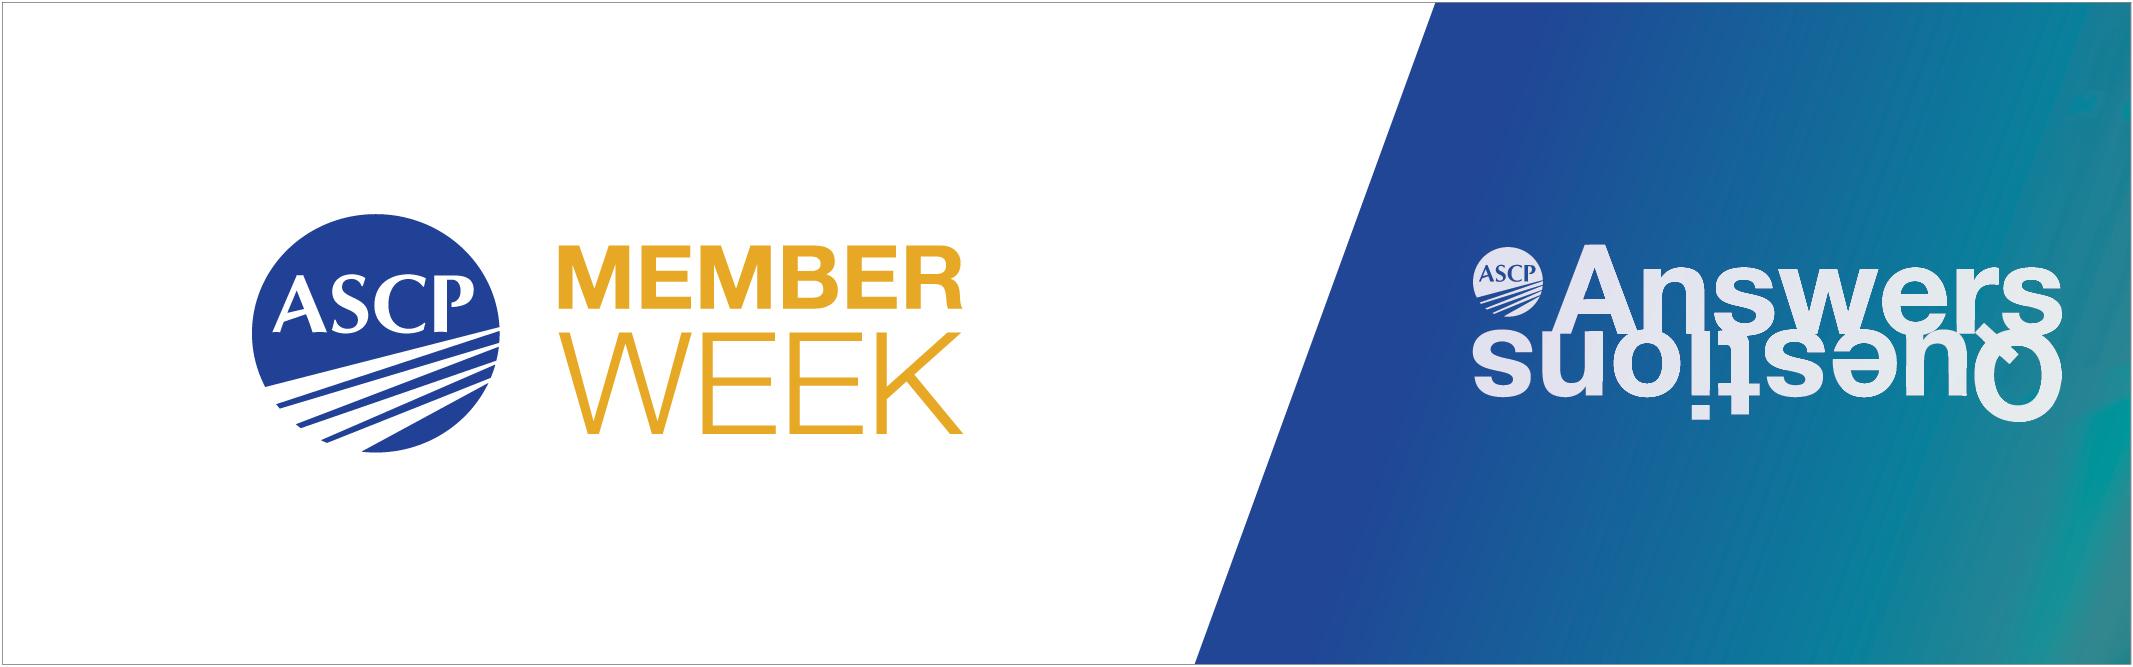 11_190157_LS_Member Week_Web Art_Page Header2